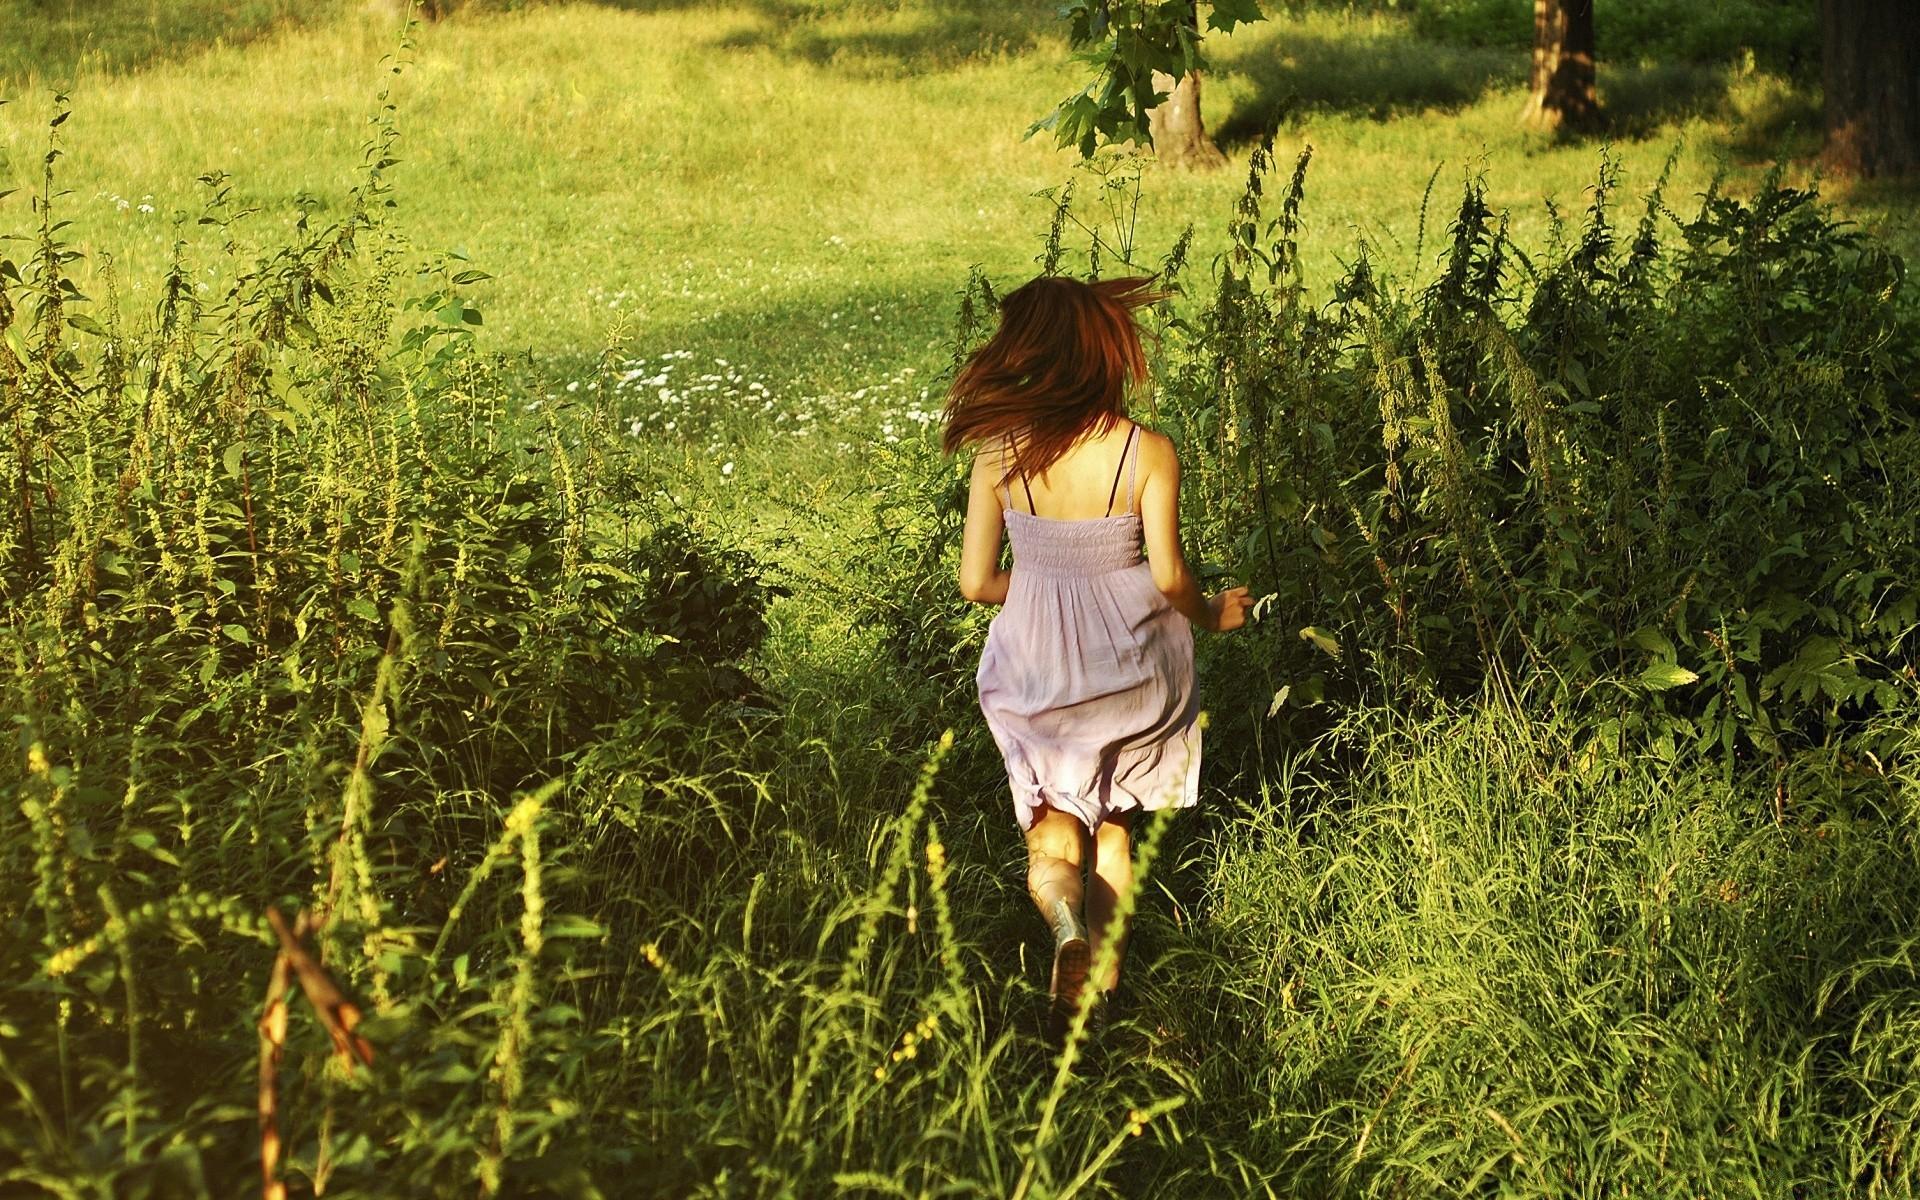 Стройная девушка со спины смотрит на утренний лес порно ебля трахал